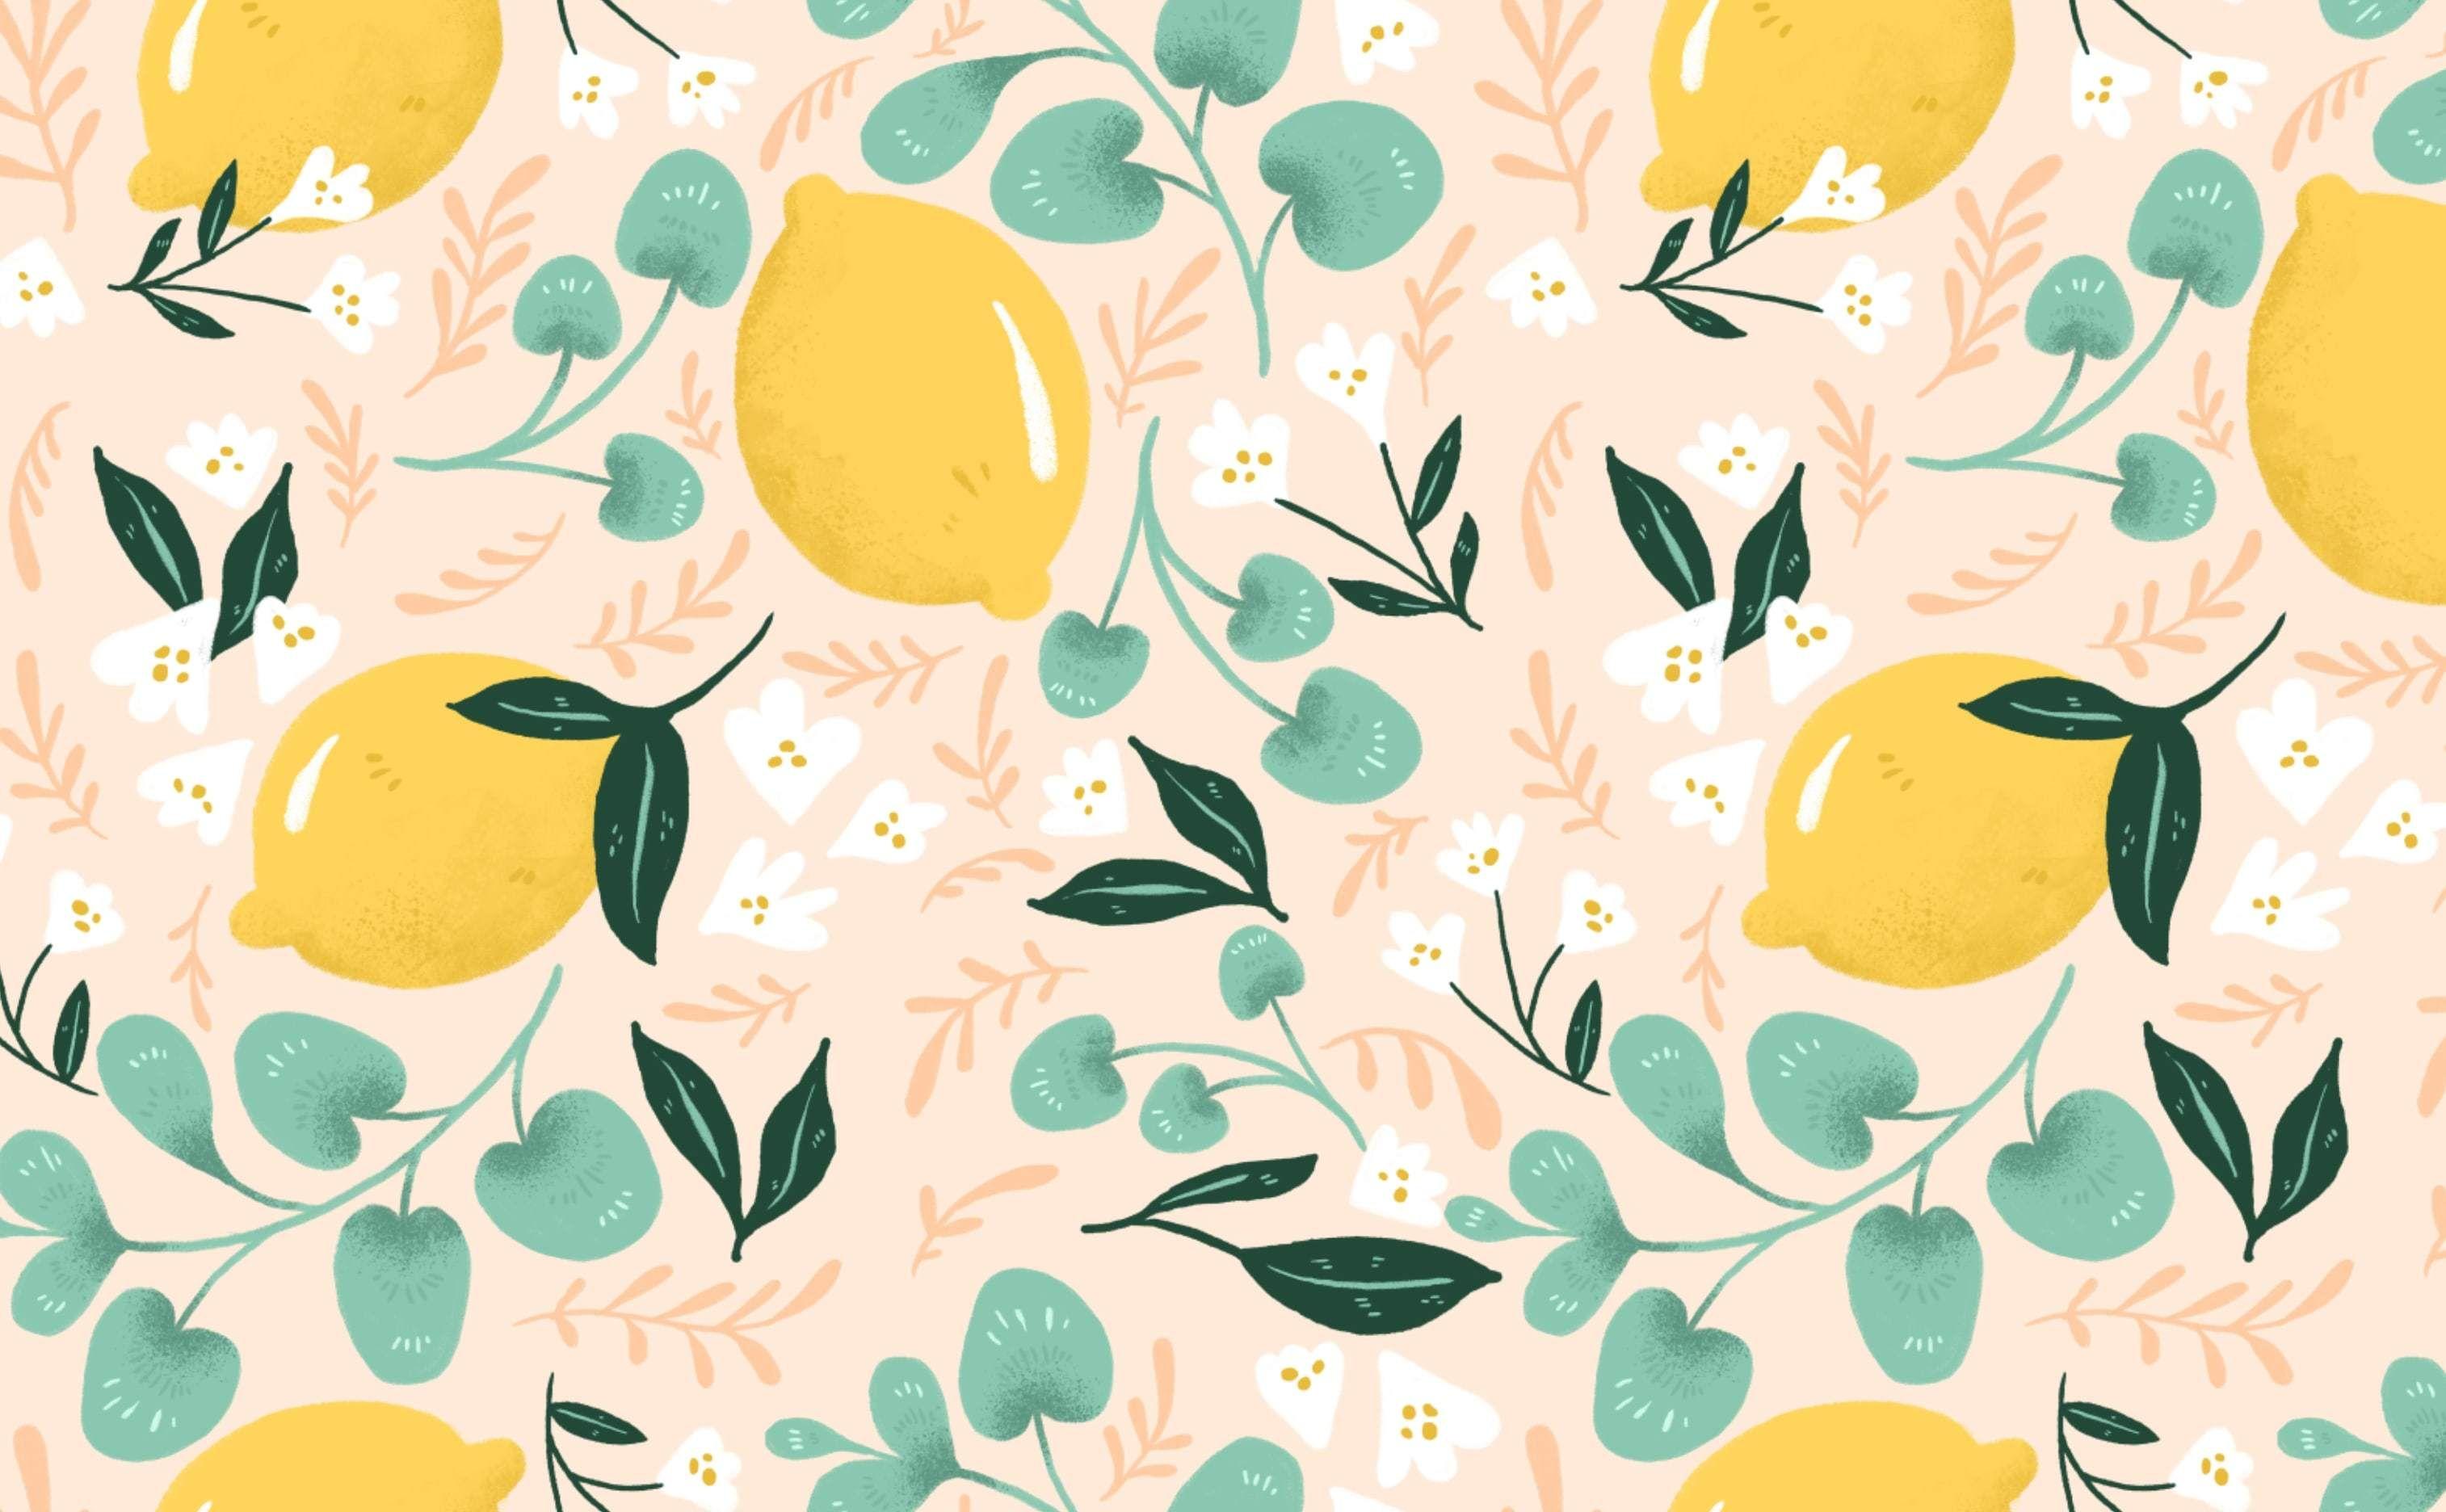 Lovely Lemons In 2020 Cute Desktop Wallpaper Computer Wallpaper Desktop Wallpapers Desktop Wallpaper Summer